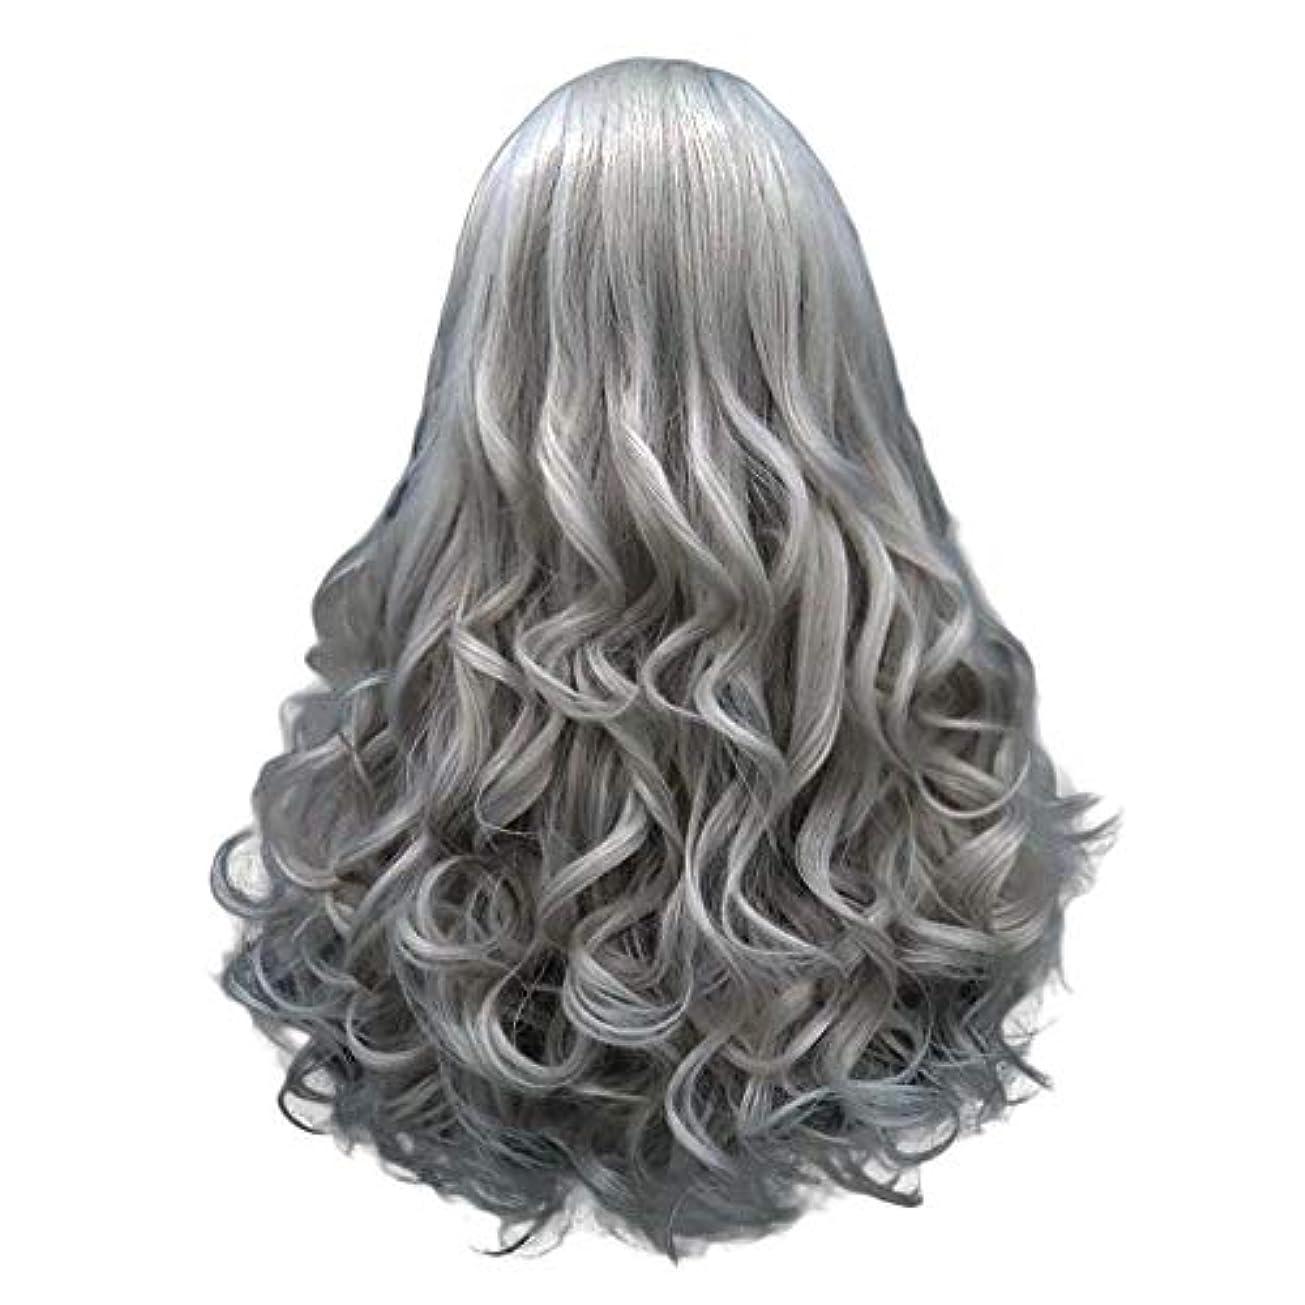 不誠実サンプル成人期長い巻き毛の混合カラーセクシーなグラデーショングレーパーティーウィッグ